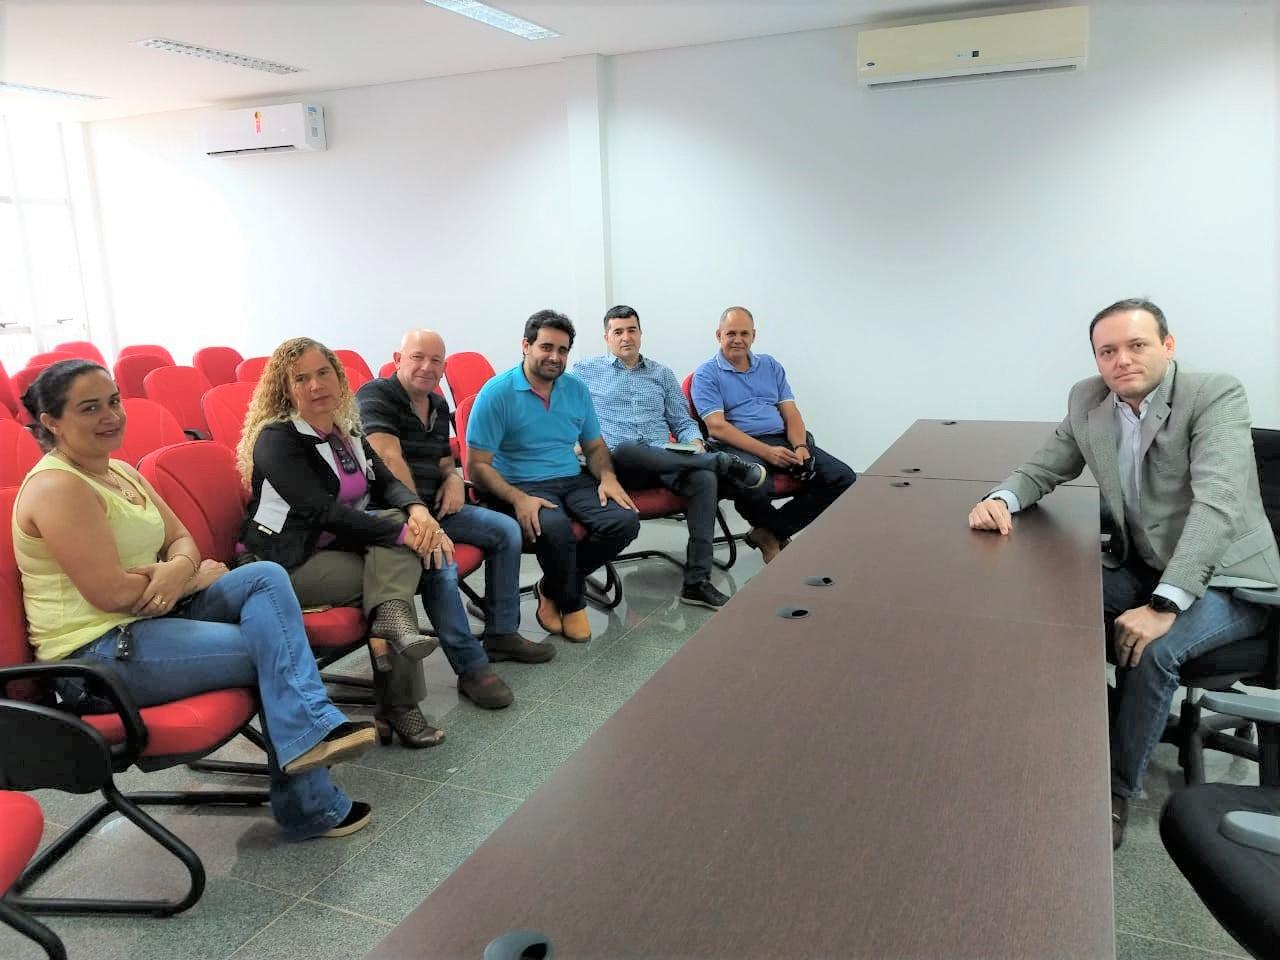 Representantes dos municípios de Pedro Afonso, Bom Jesus e Tupirama participam de audiência sobre controle sanitário